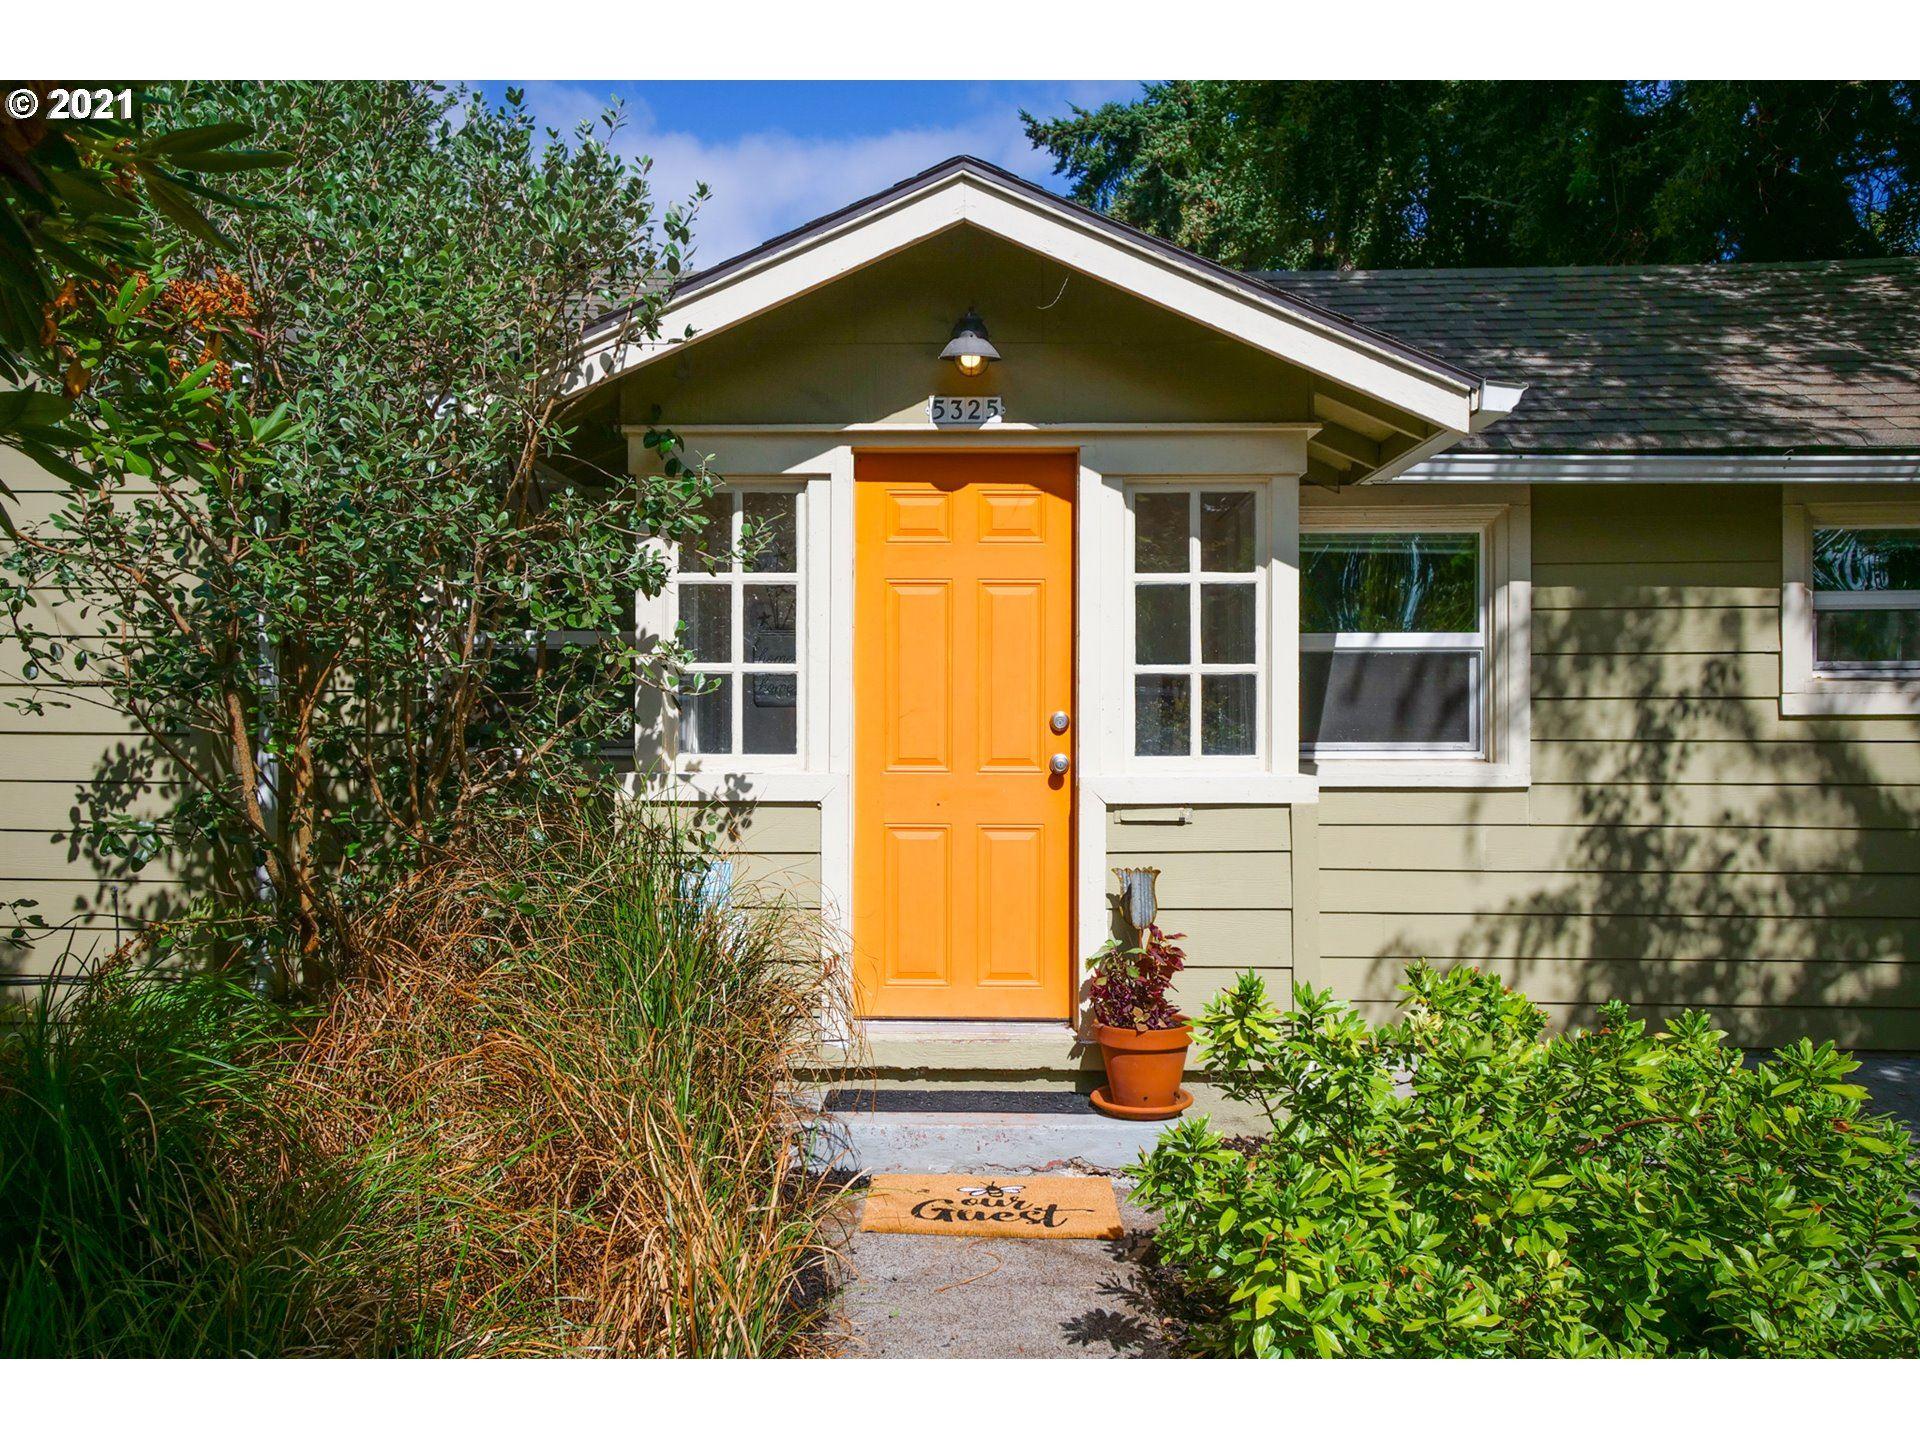 5325 N FESSENDEN ST, Portland, OR 97203 - MLS#: 21245024